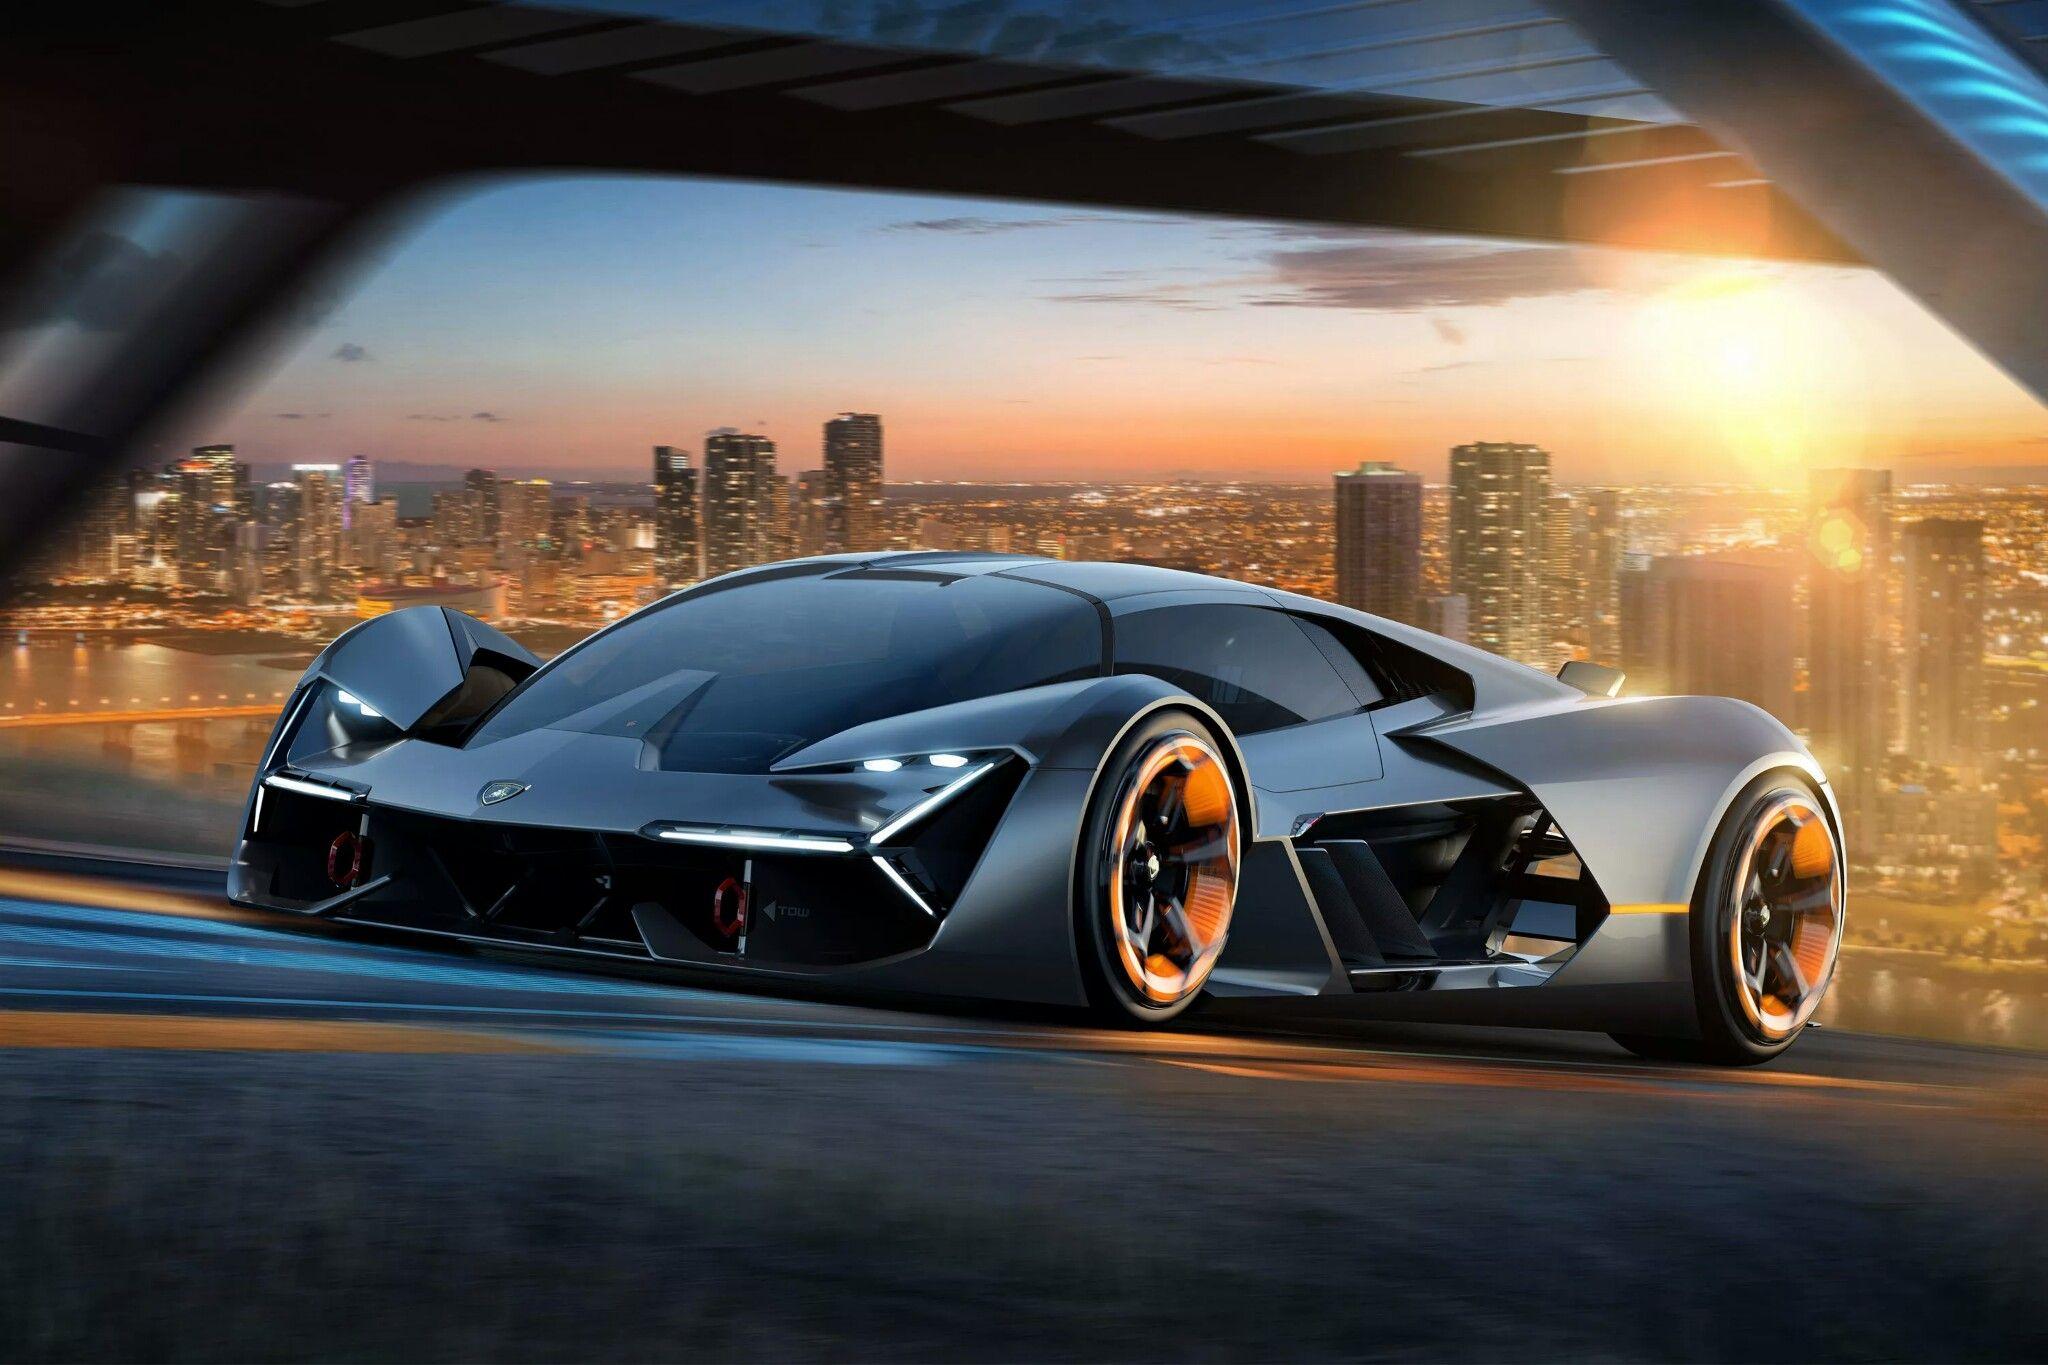 Lamborghini Terzo Milenio Electric Concept Car